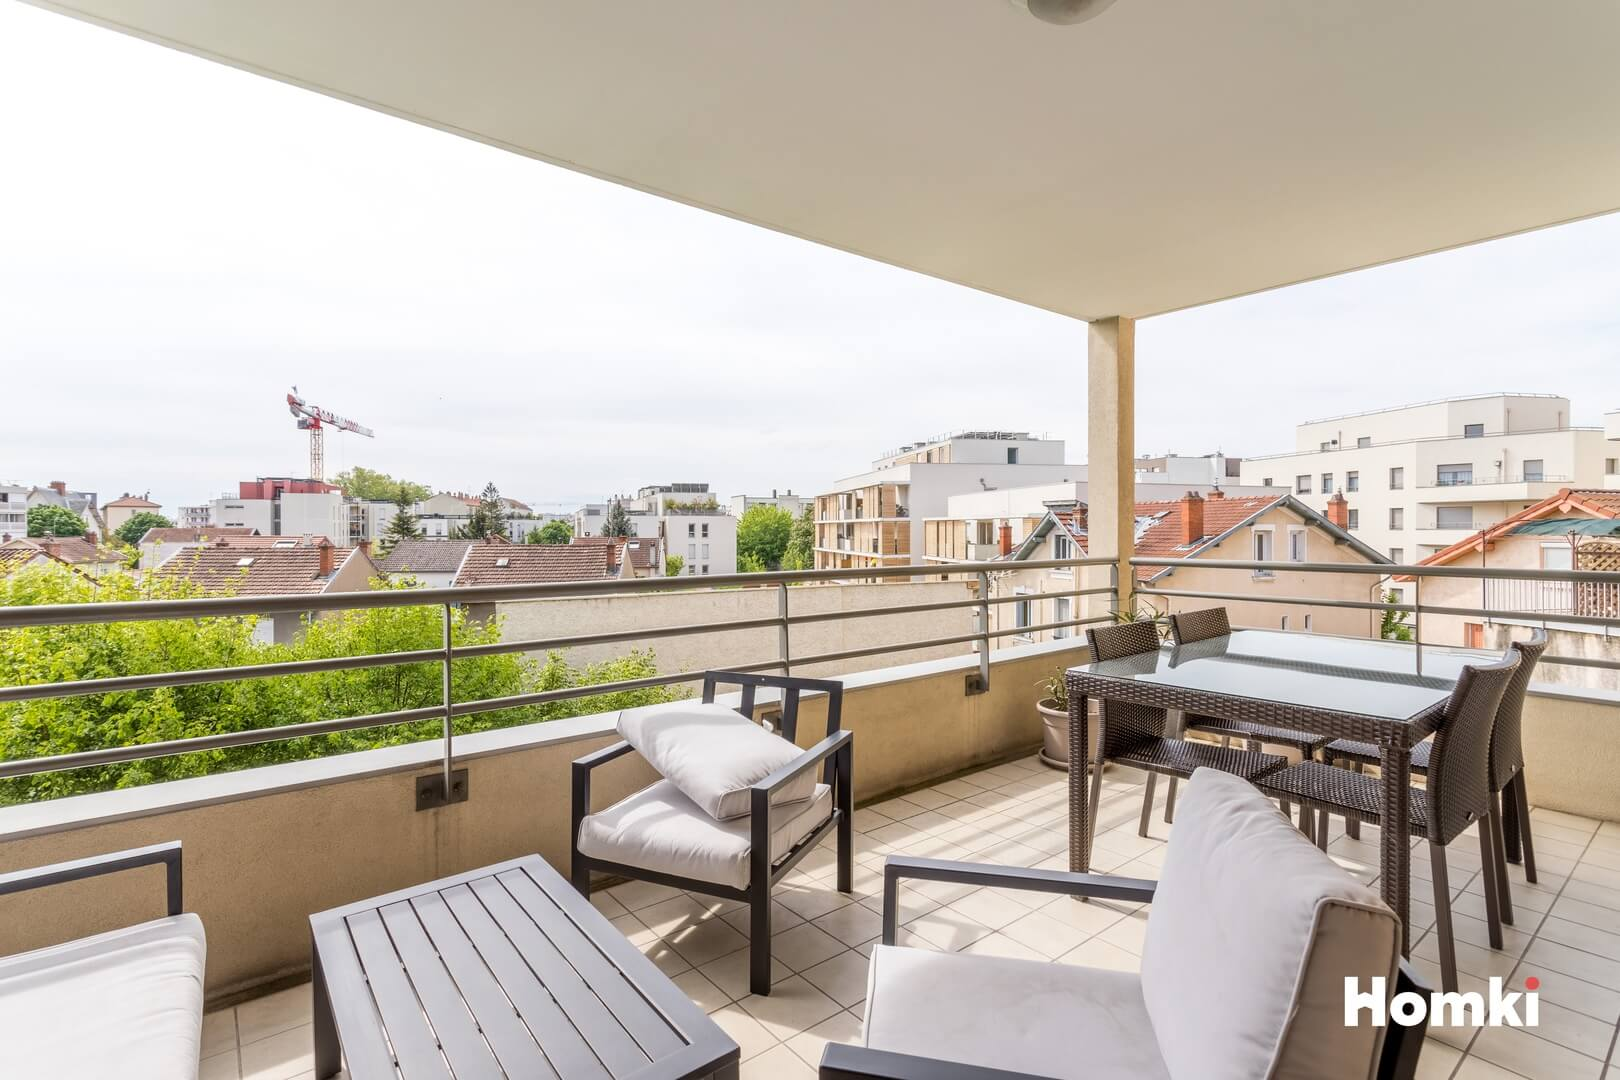 Homki - Vente Appartement  de 65.0 m² à Villeurbanne 69100